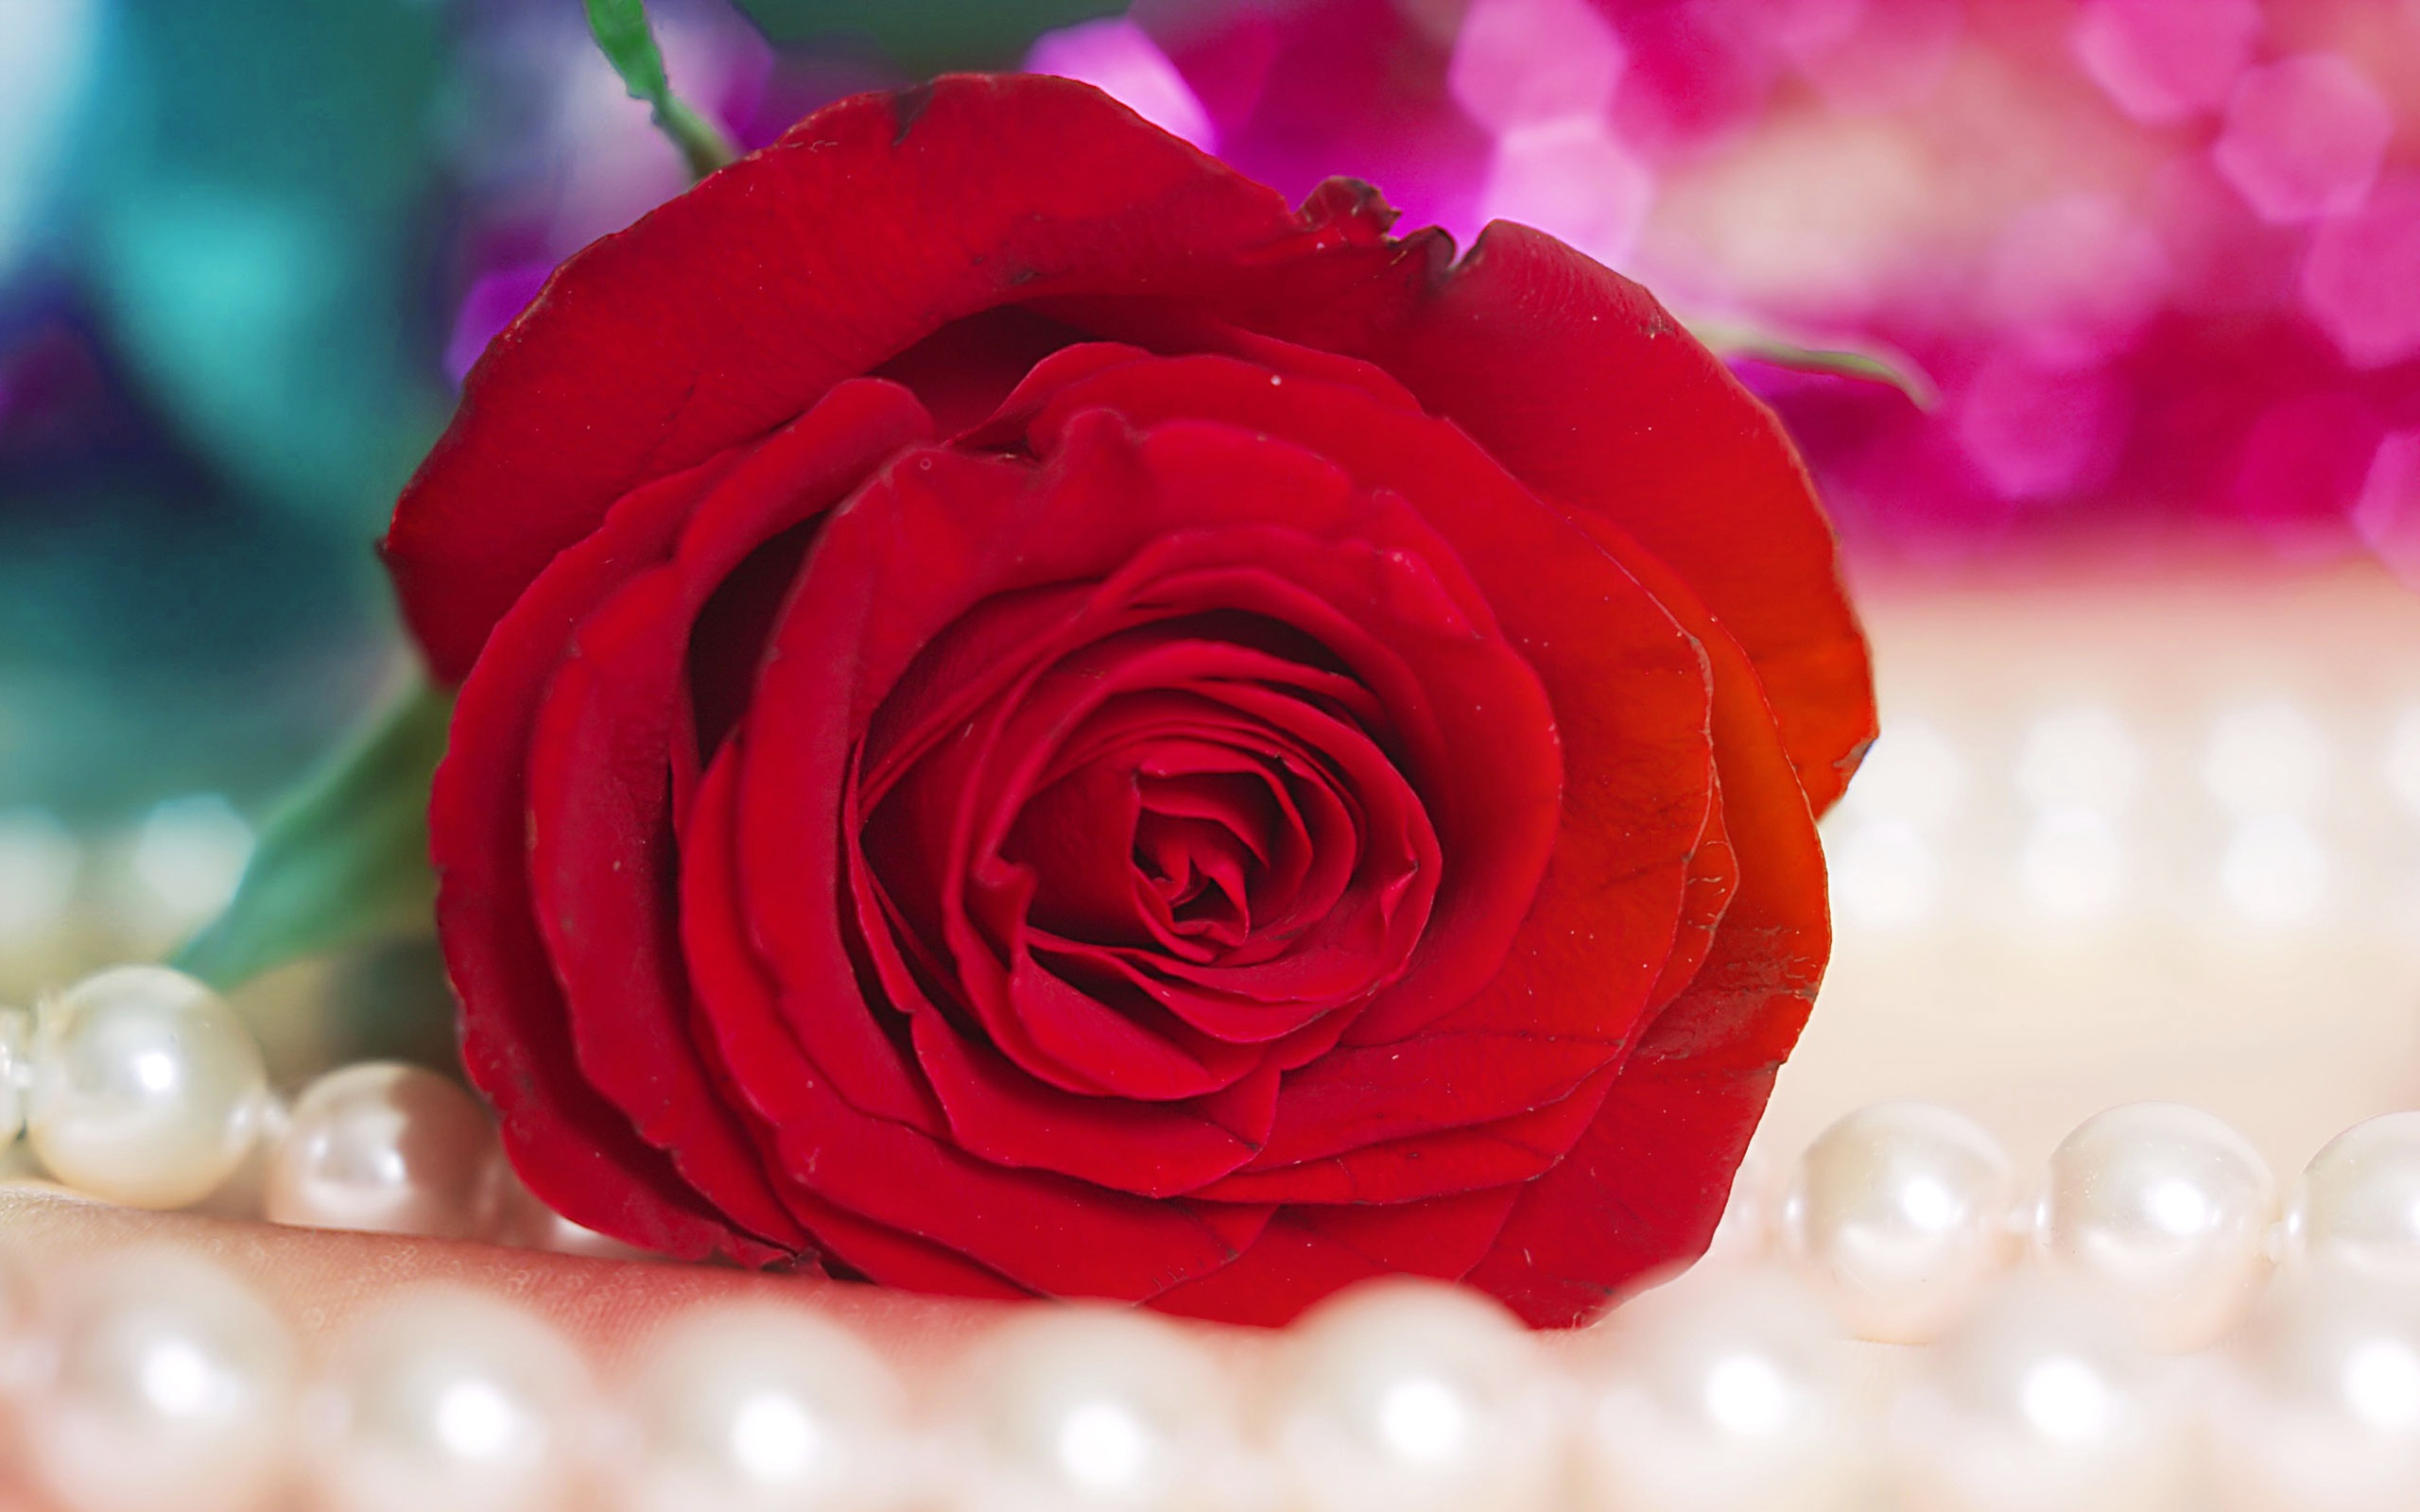 Red Roses Desktop Wallpaper Wallpapersafari